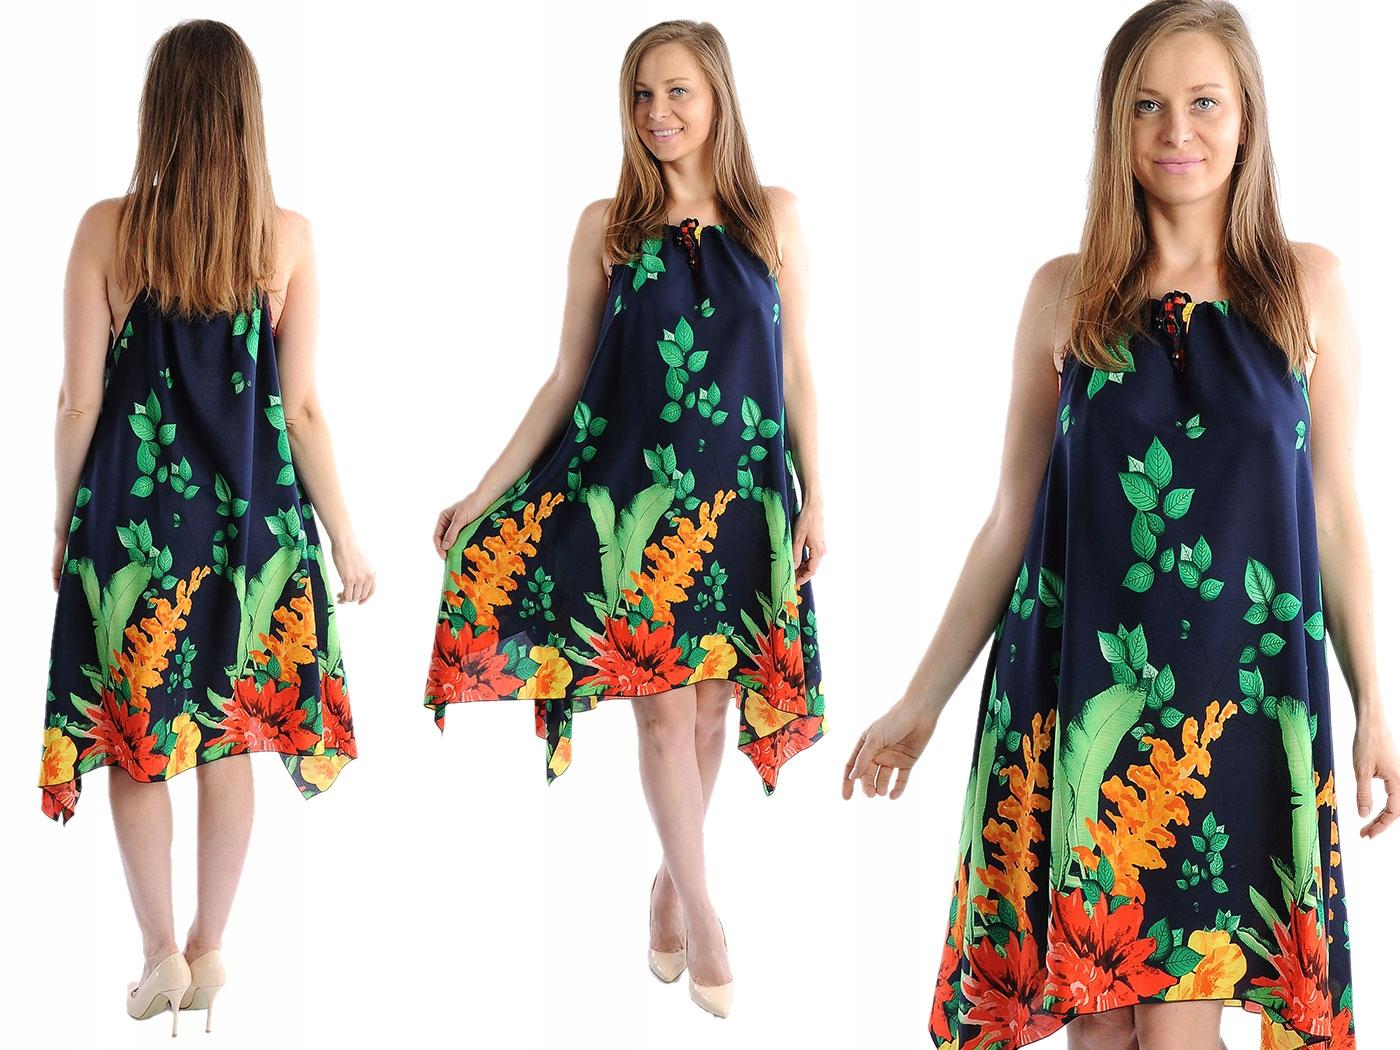 Zwiewna Sukienka Kwiaty Laemi 580 Granatowa 42 44